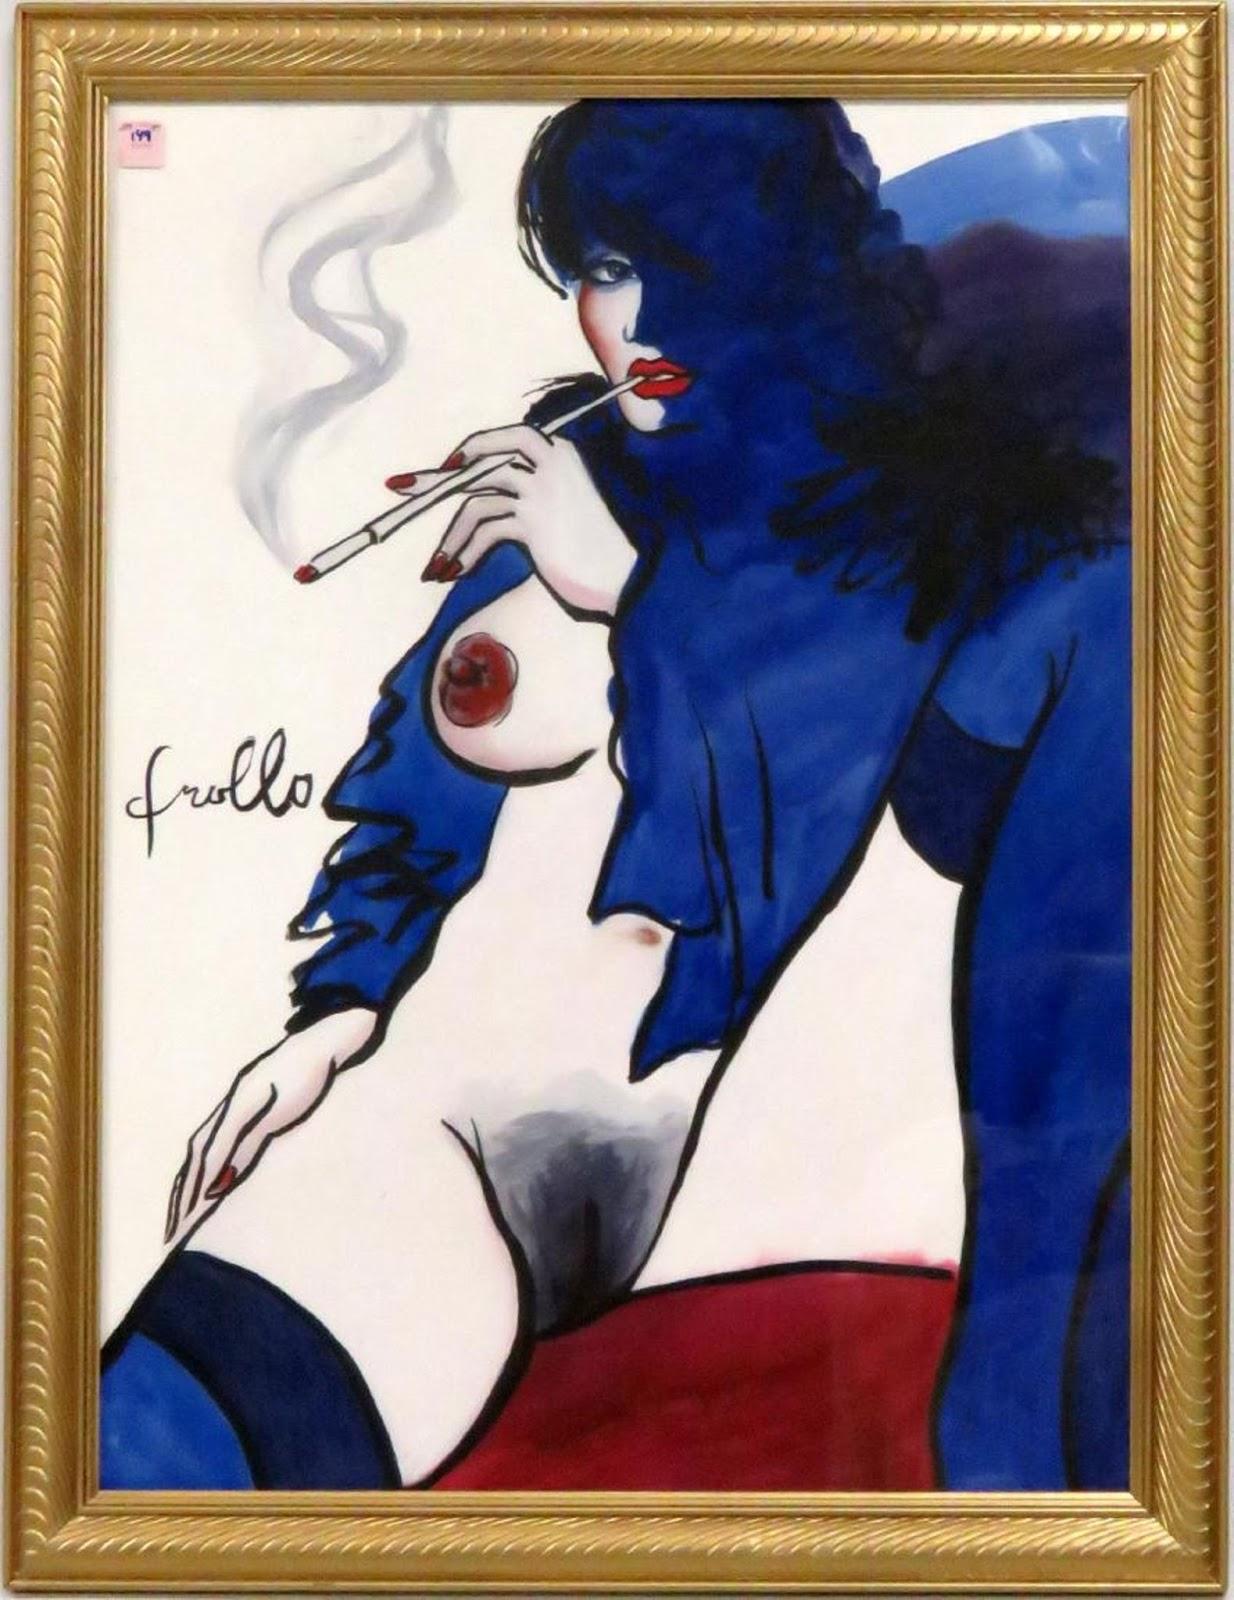 Arte erótico, acuarela de una mujer desnuda mostrando un seno y el pubis